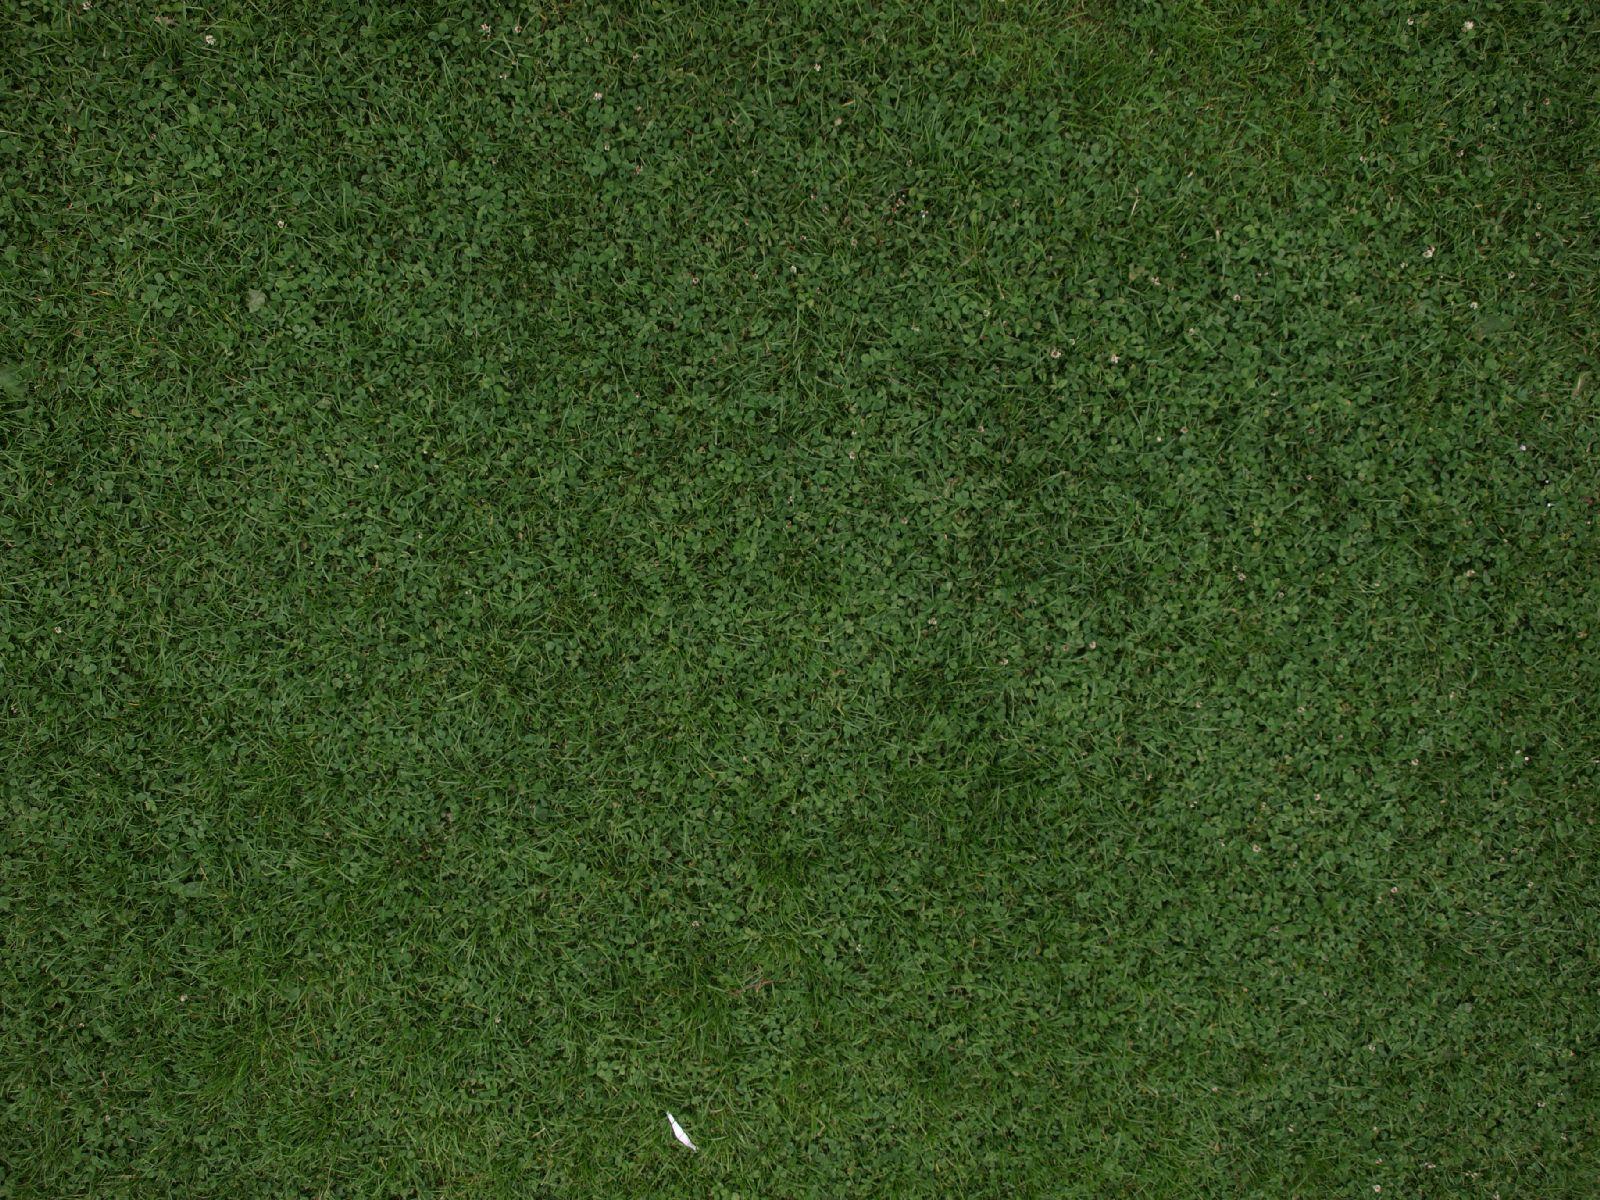 Boden-Gras-Moos-Blumen_Textur_A_P6087013